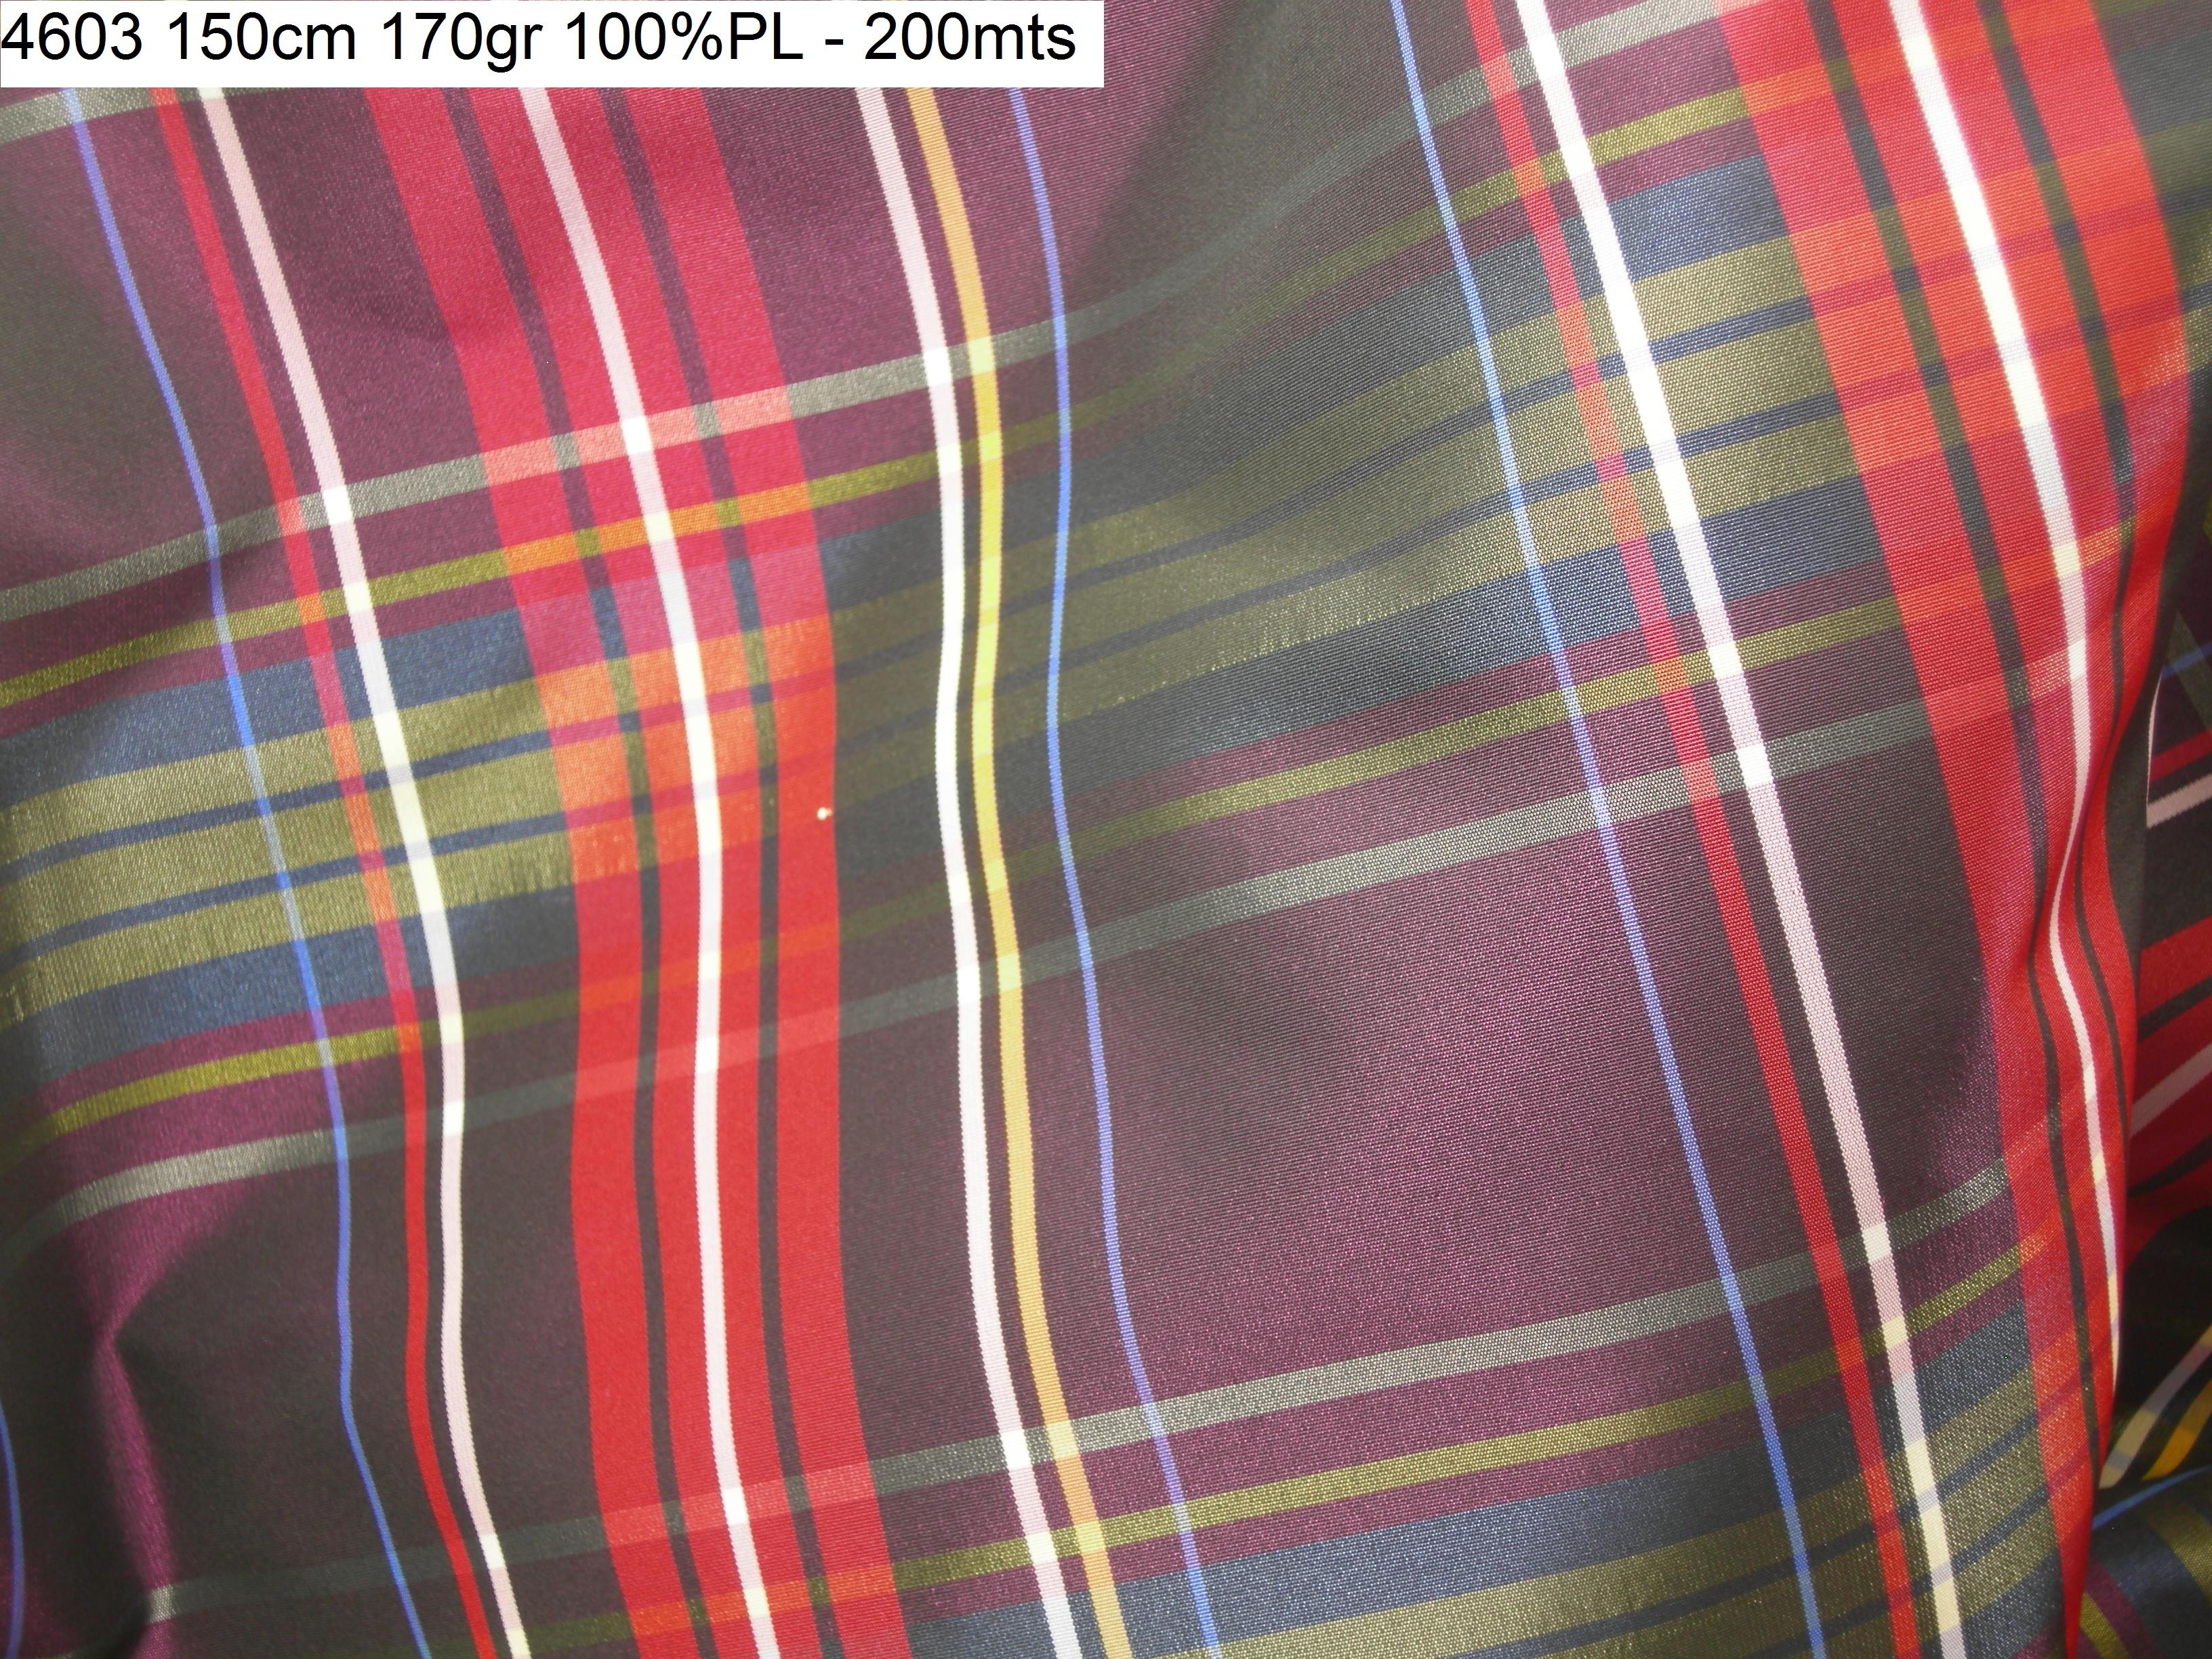 4603 tartan checks taffeta jacket blazer fashion fabric